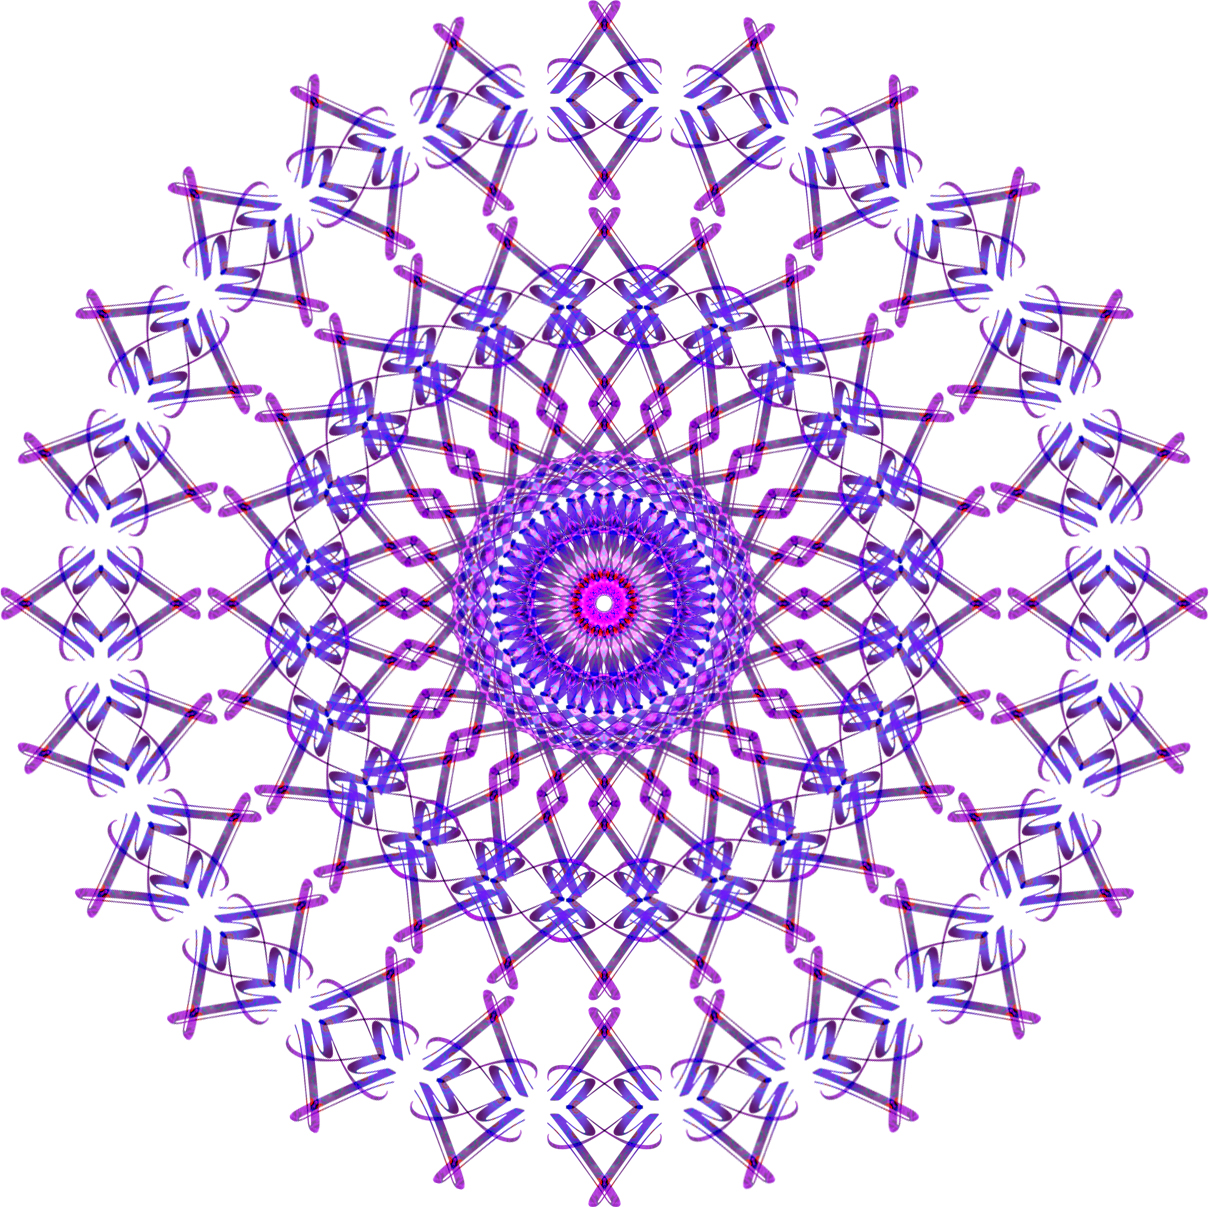 circle-pink-purple-1.jpg